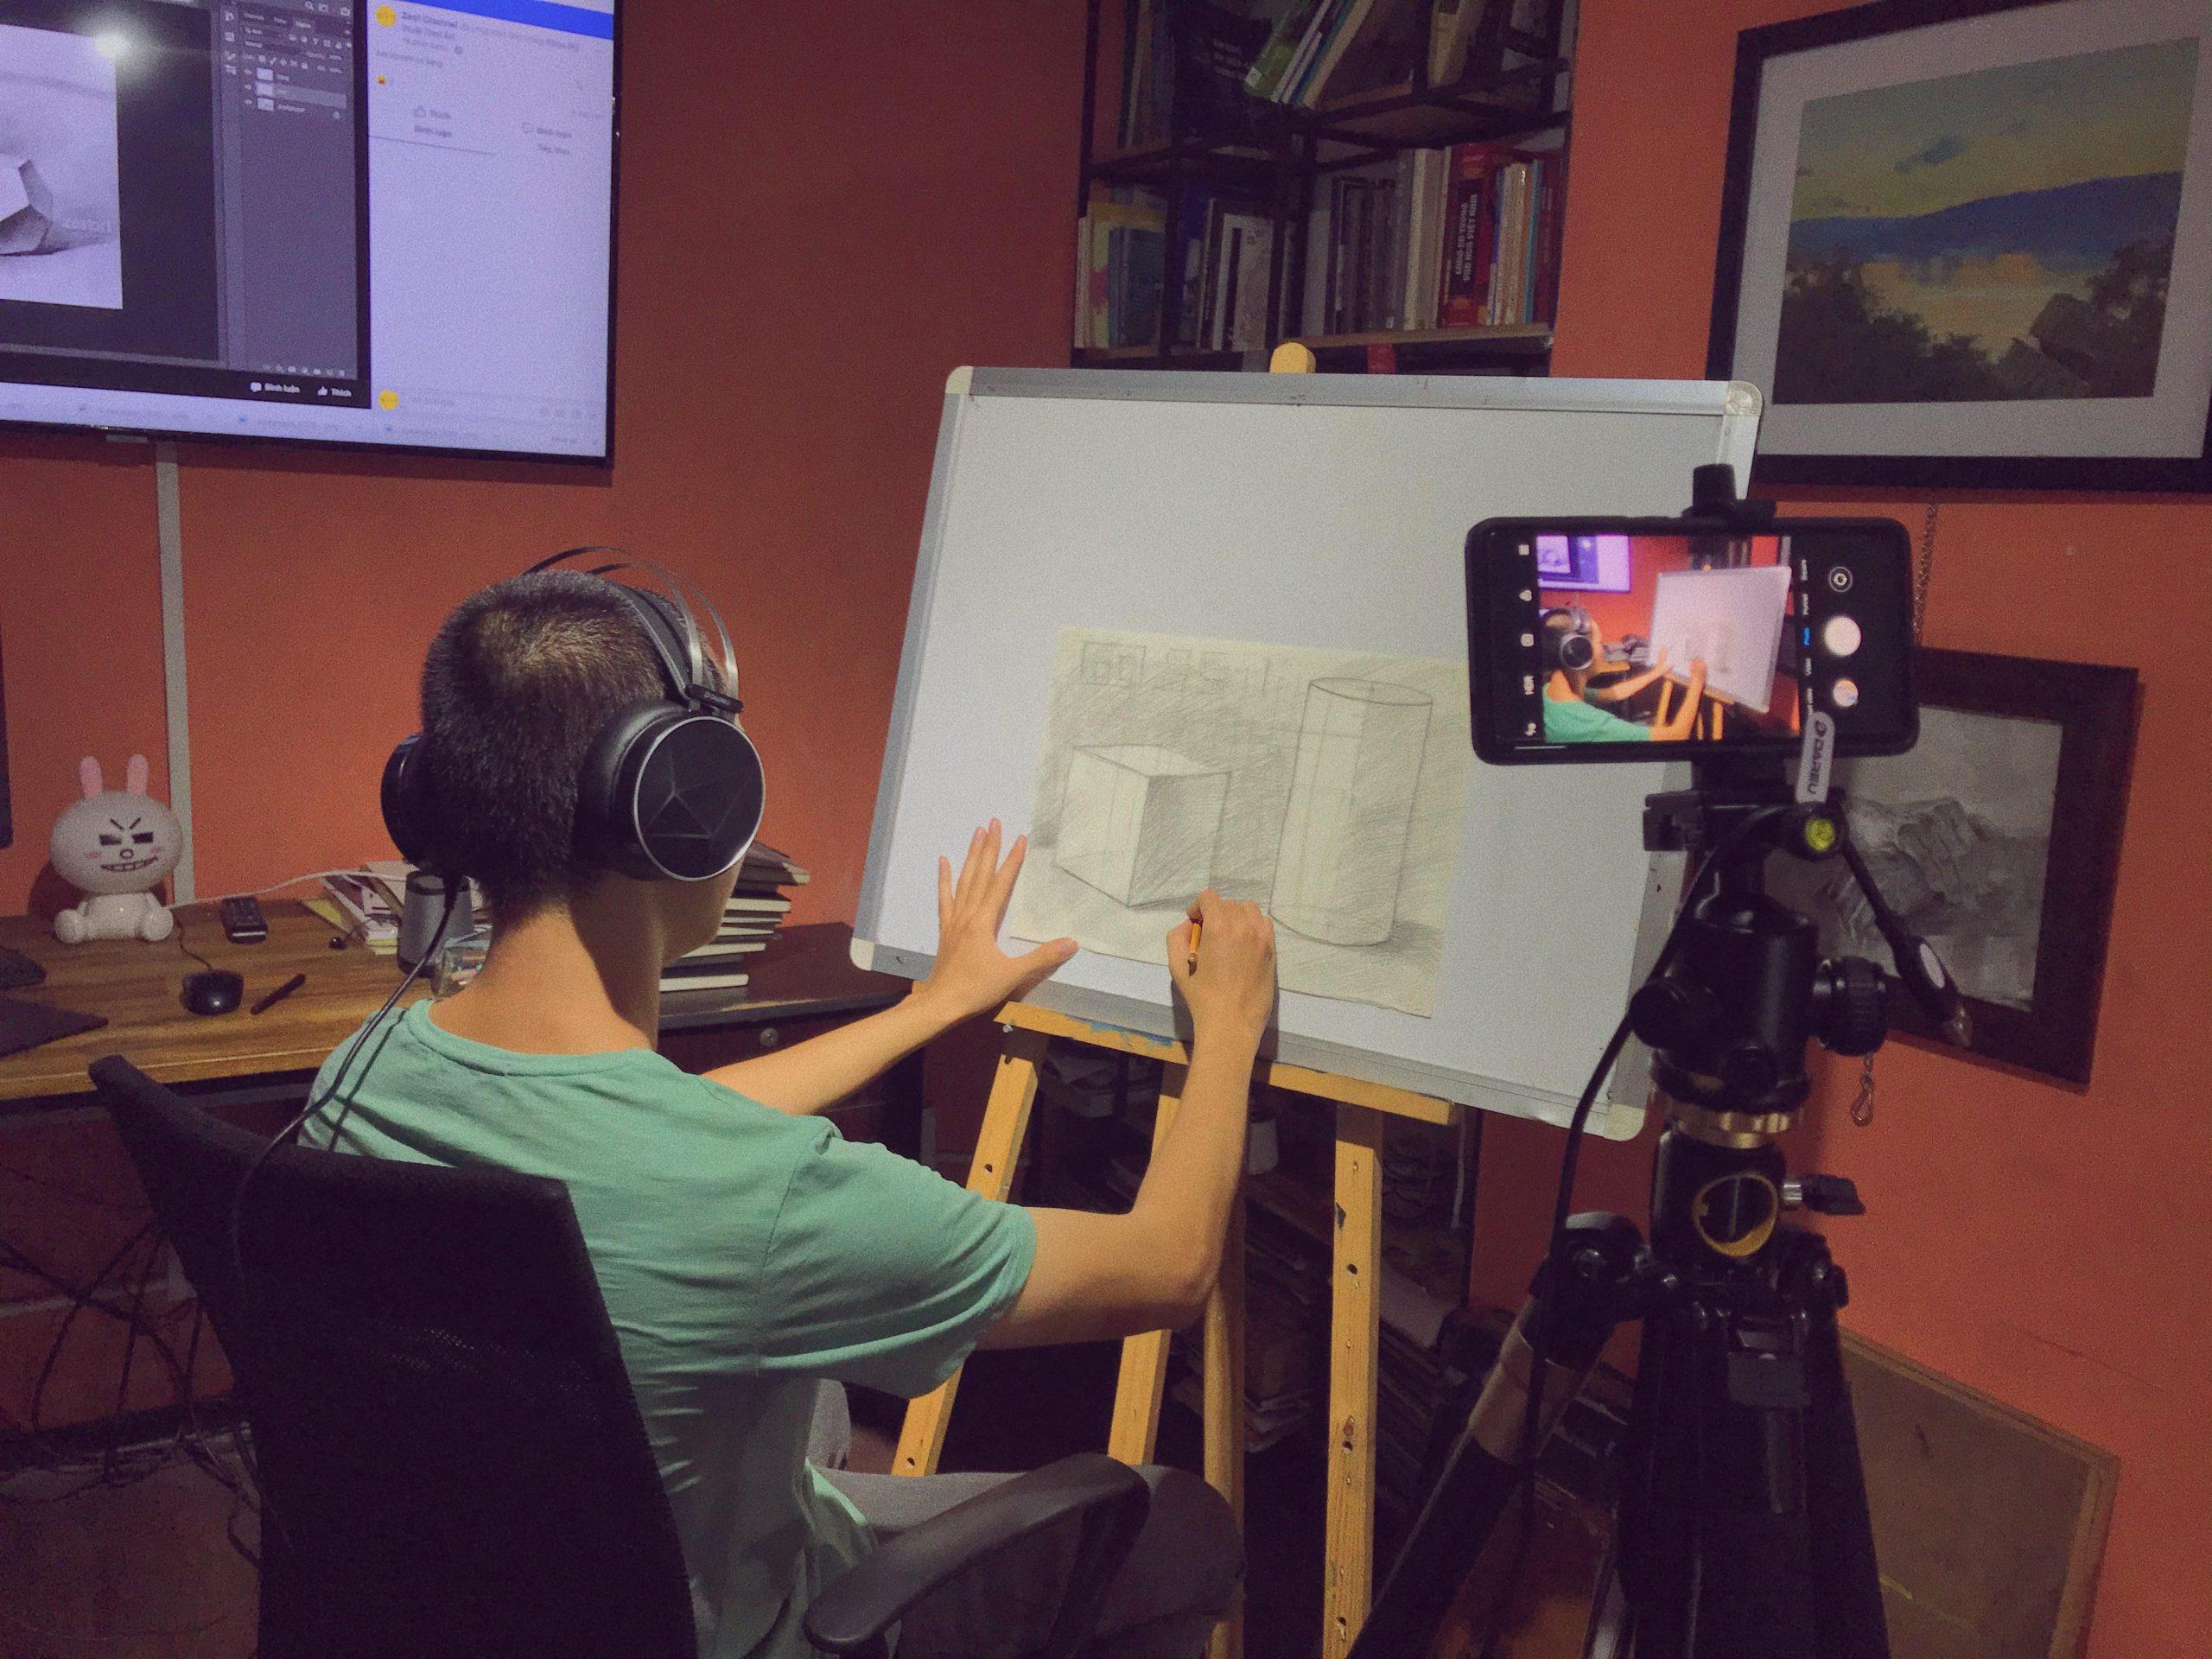 Zest Art - Yếu tố trực quan sinh động trong khoá luyện thi online